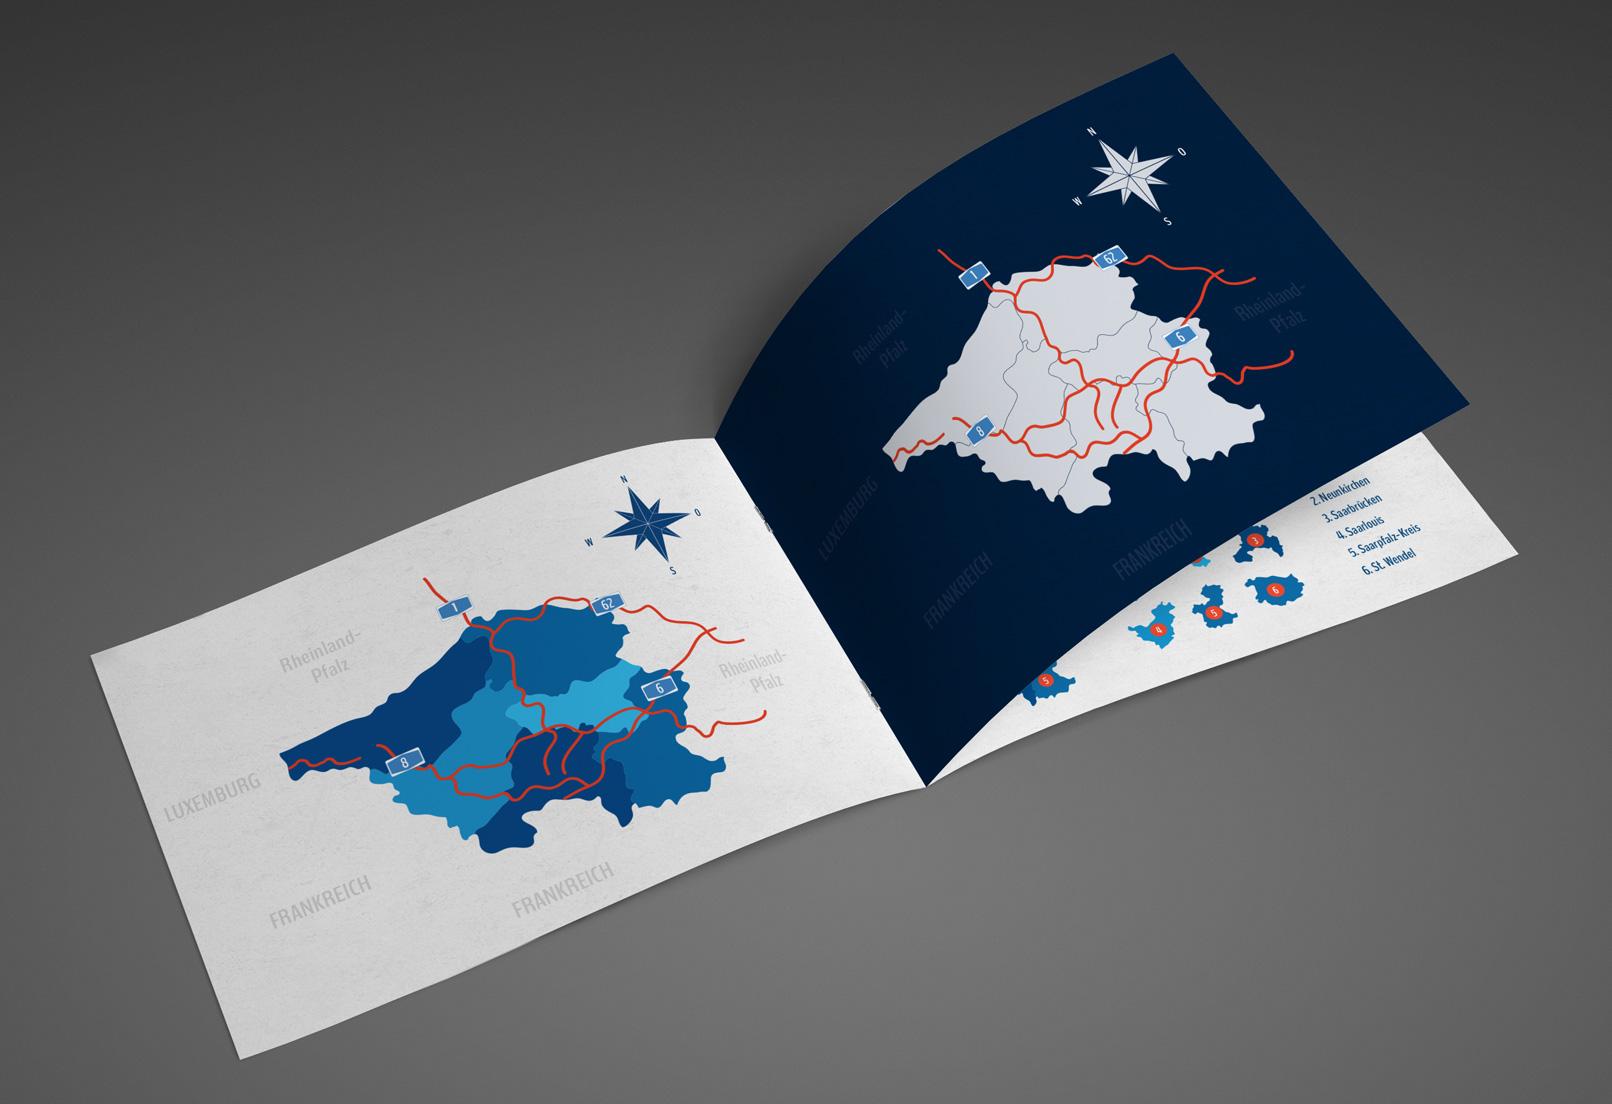 Broschüre mit der Landkarte des Saarlands